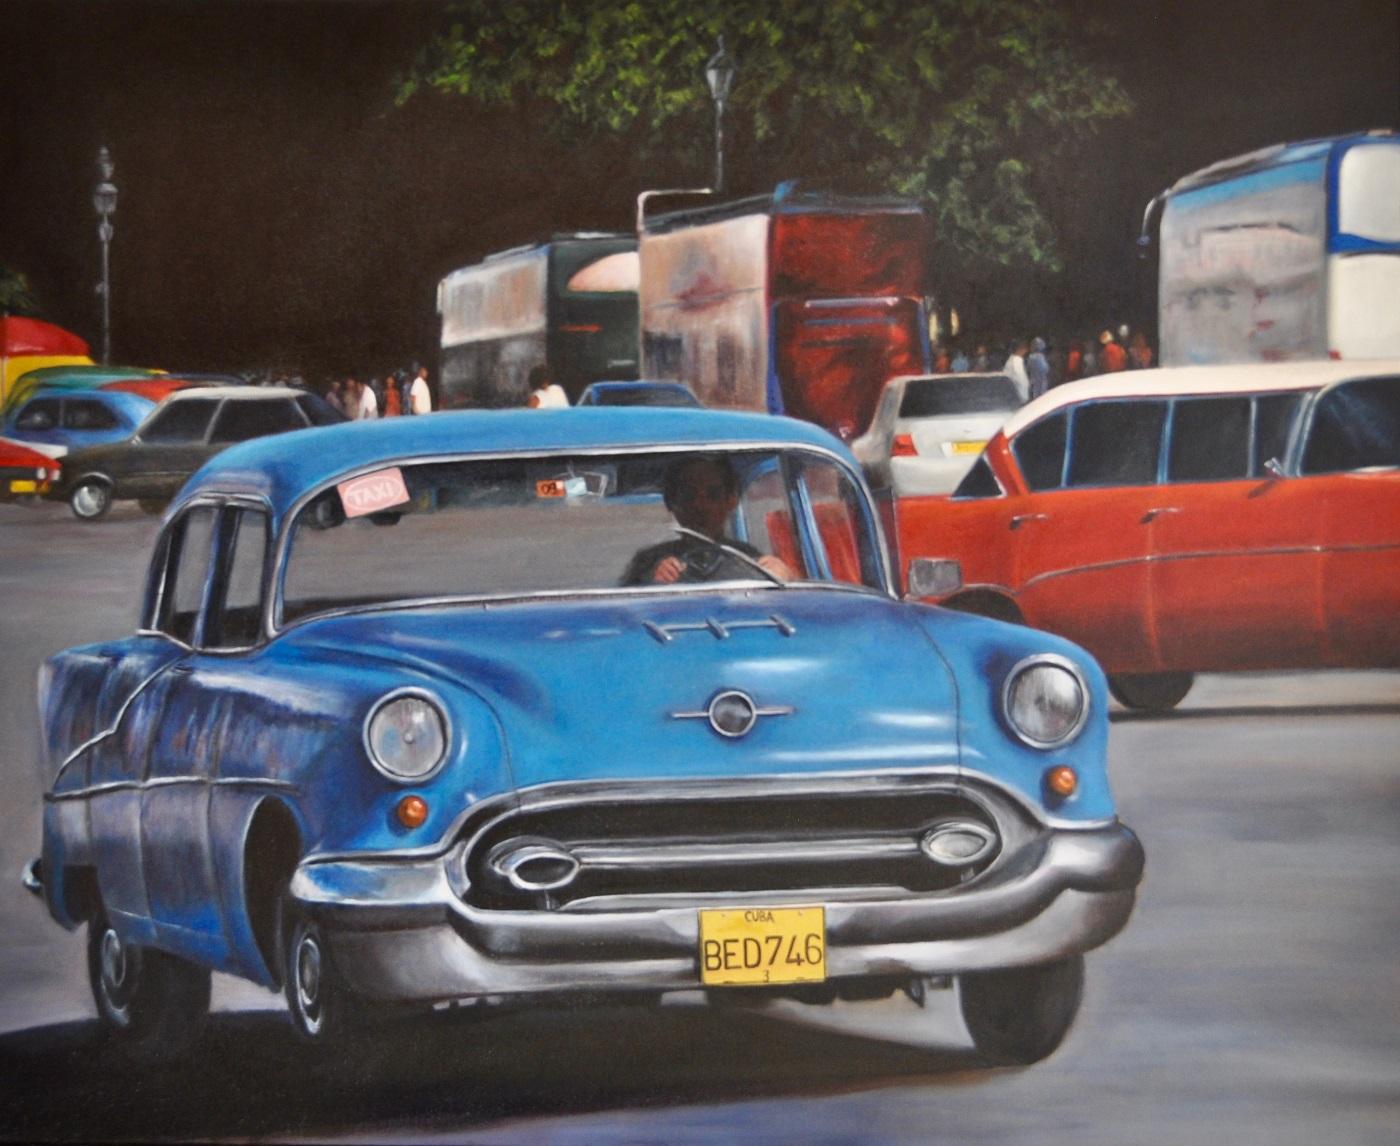 Cuba II Huile sur toile 80 x 100 cm Colette Plenier-Mudde